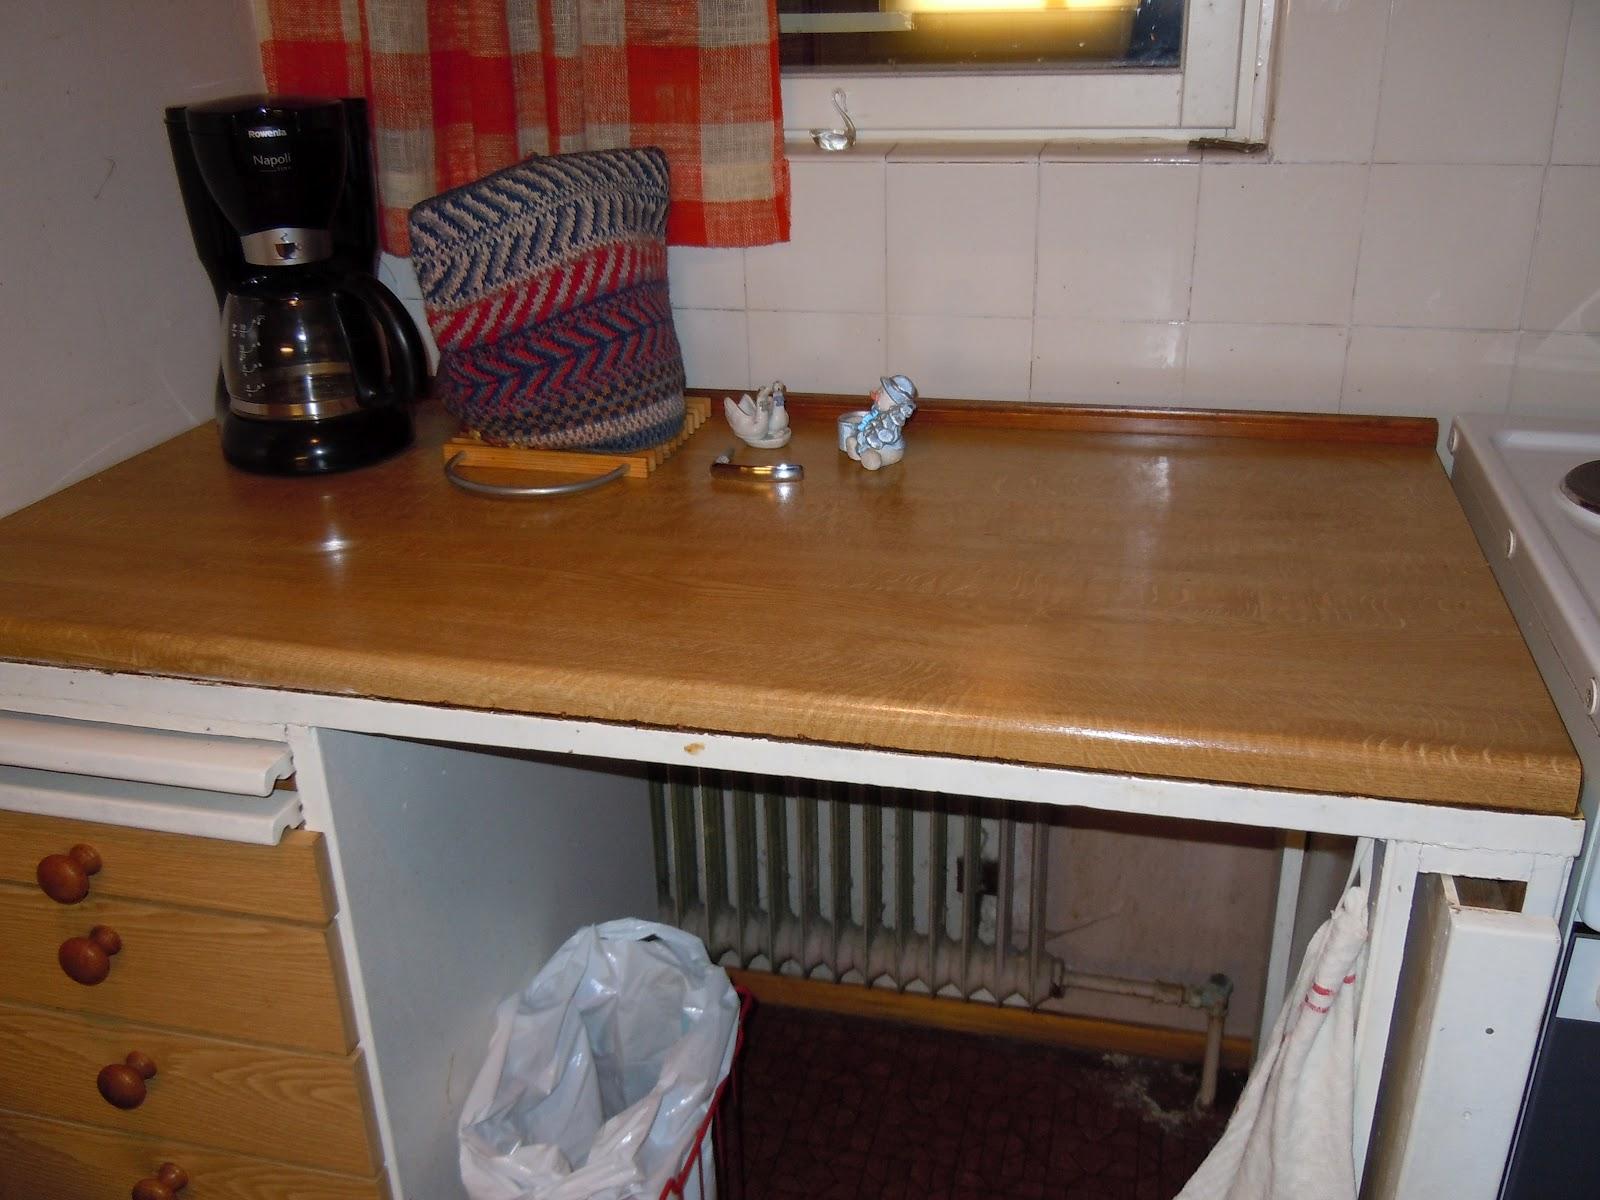 Astianpesukoneen asennus vanhaan keittiöön – Talo kaunis rakennuksen julkisivuun